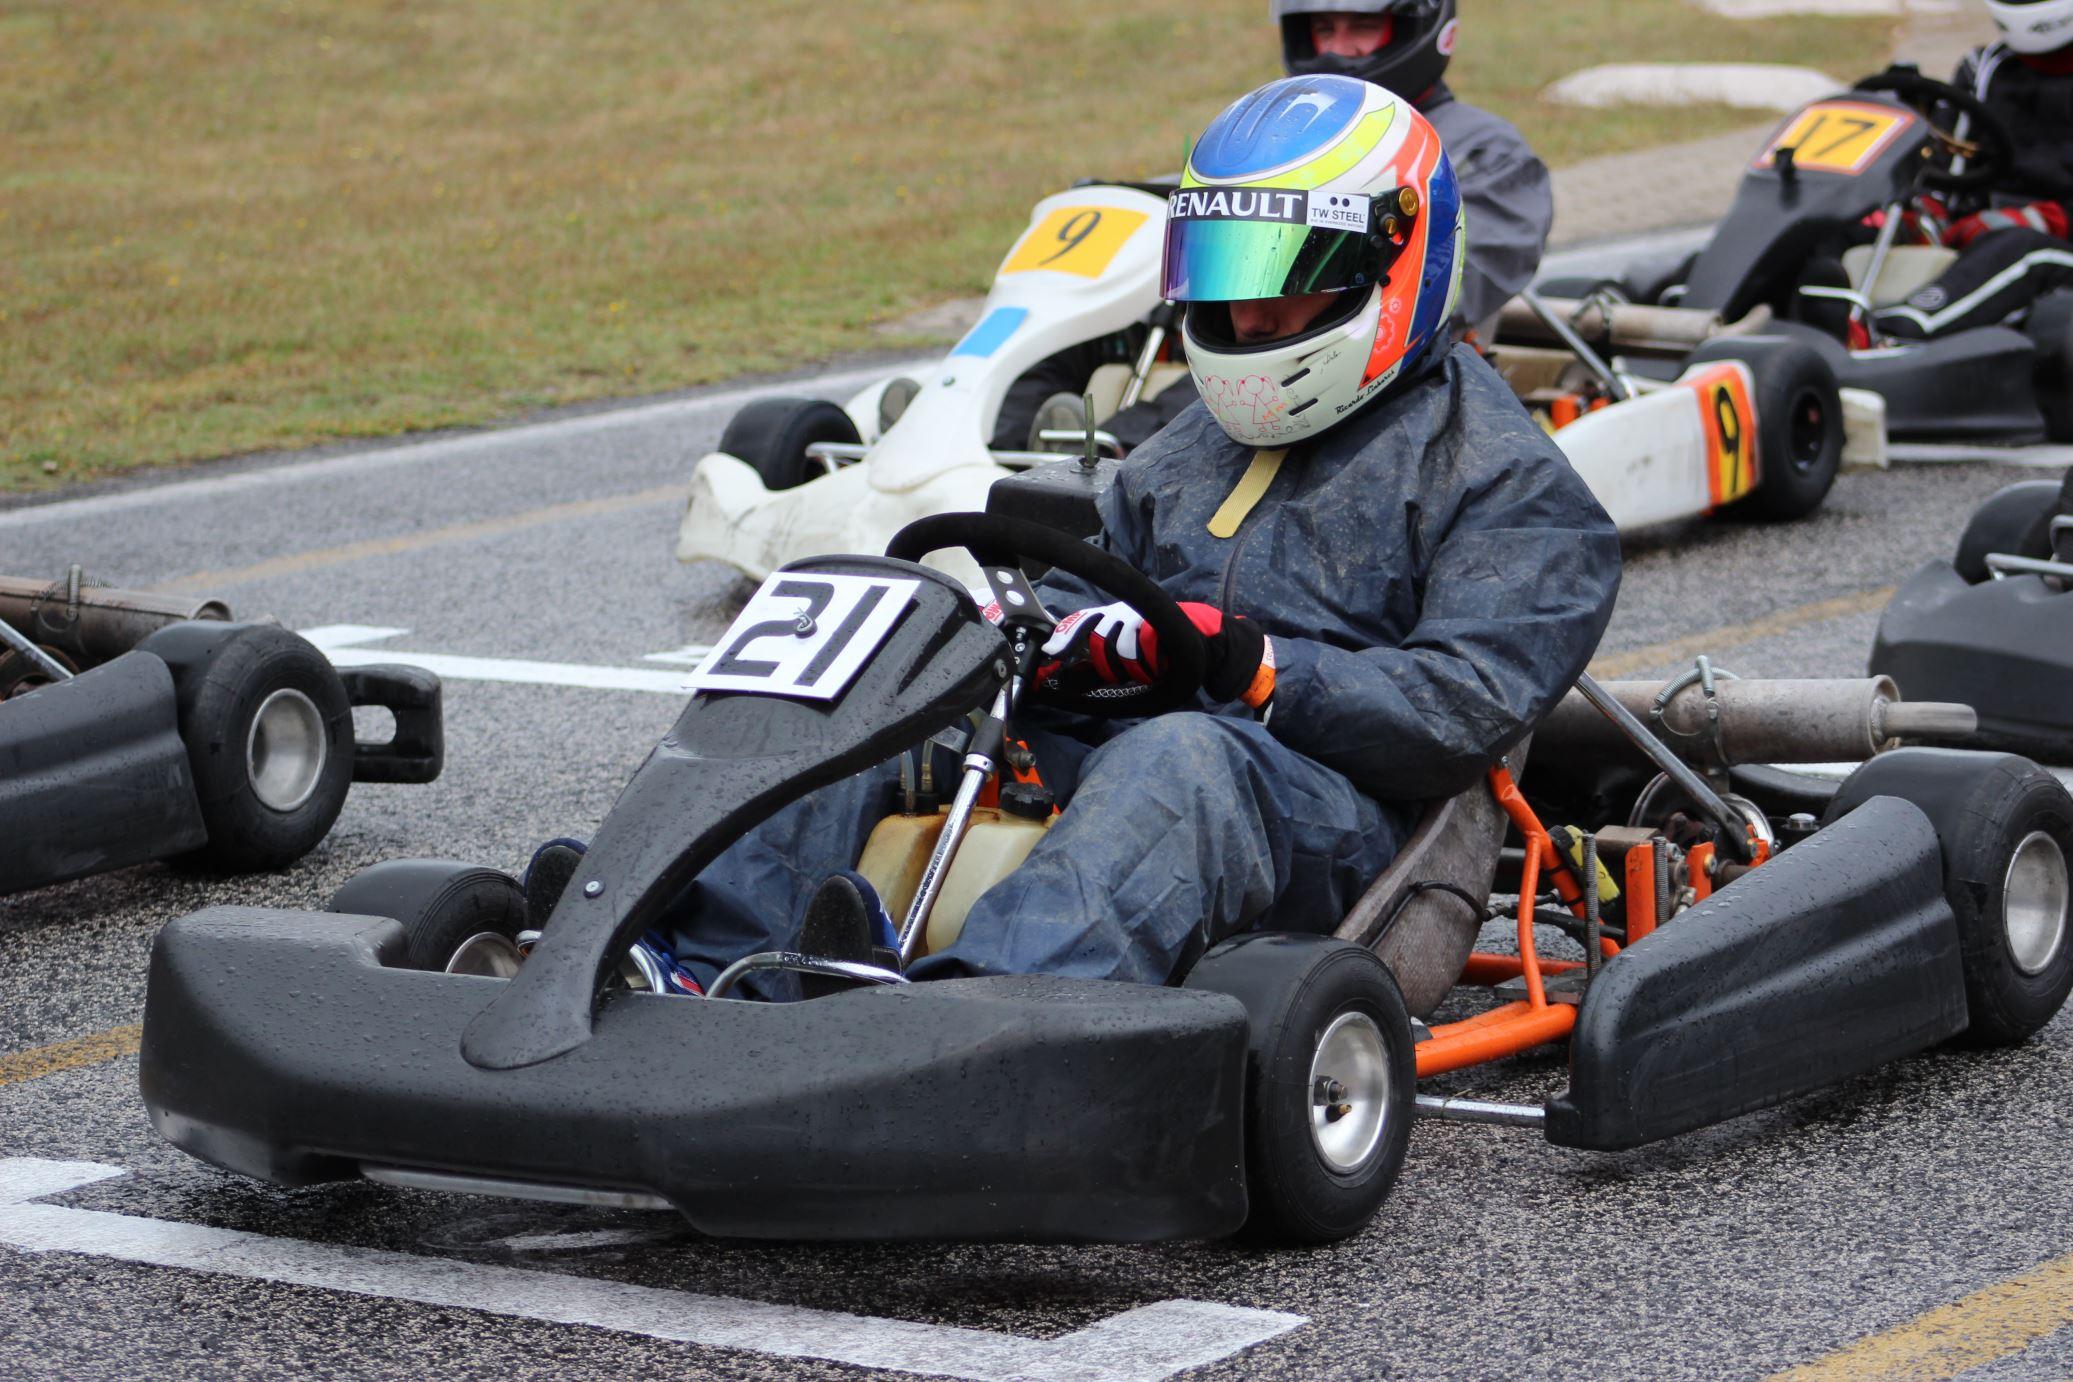 Troféu Honda 2014 - 2ª Prova54